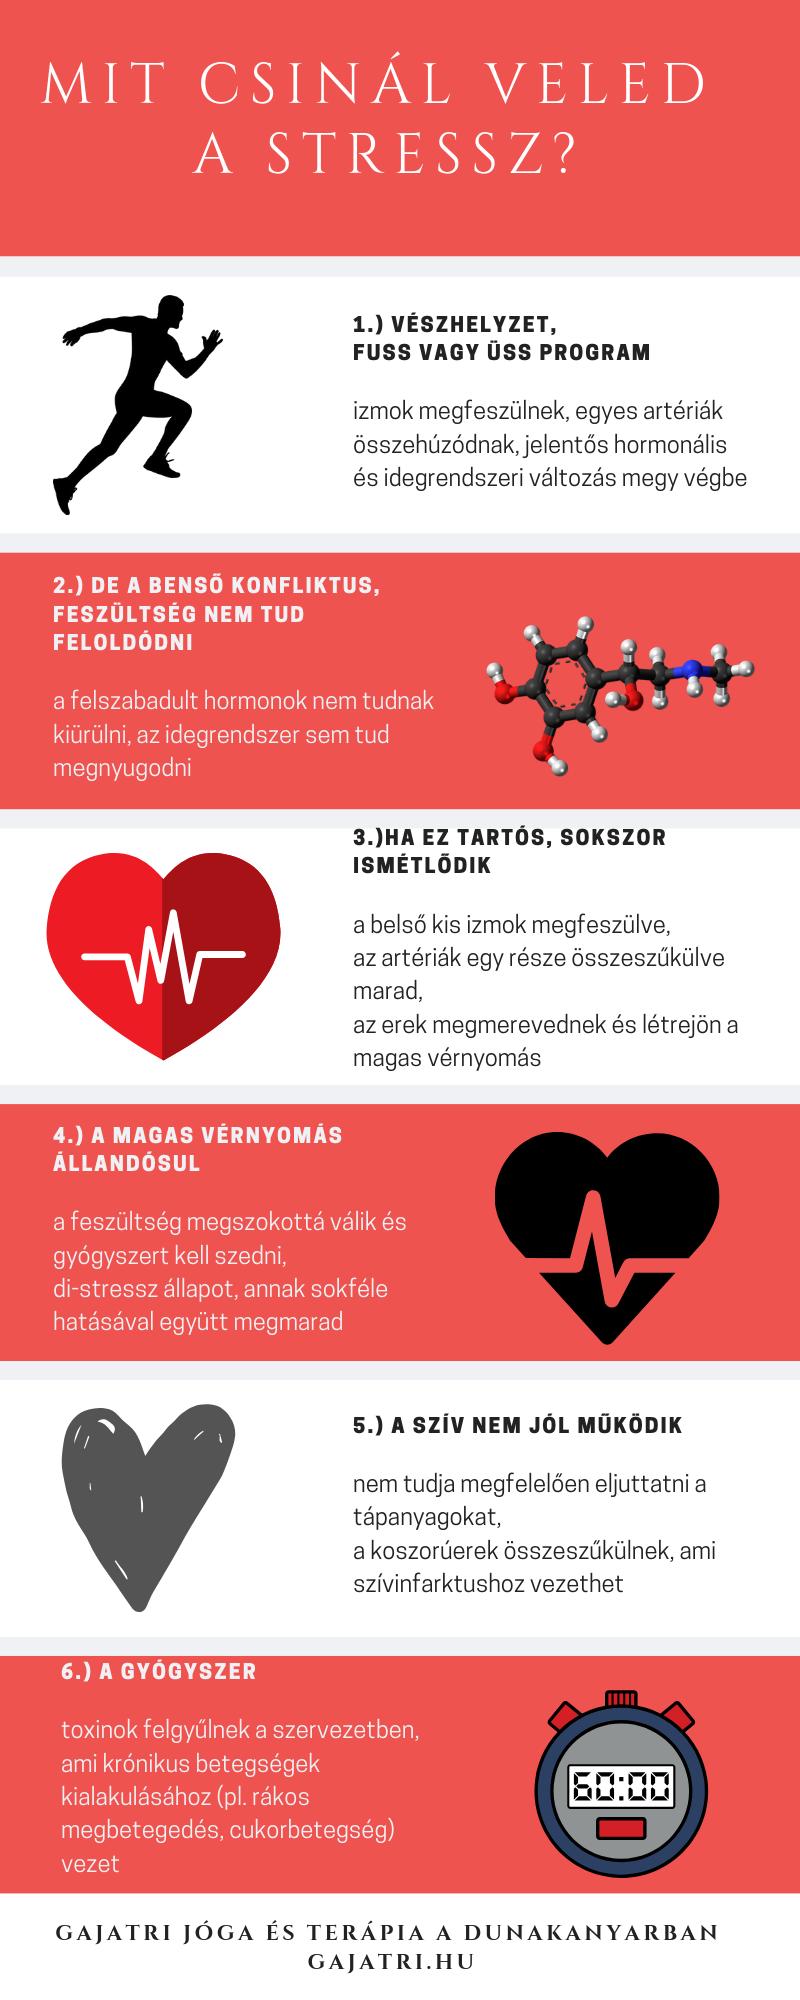 magas vérnyomás betegség szerve hogyan lehet fiatalon megszabadulni a magas vérnyomástól